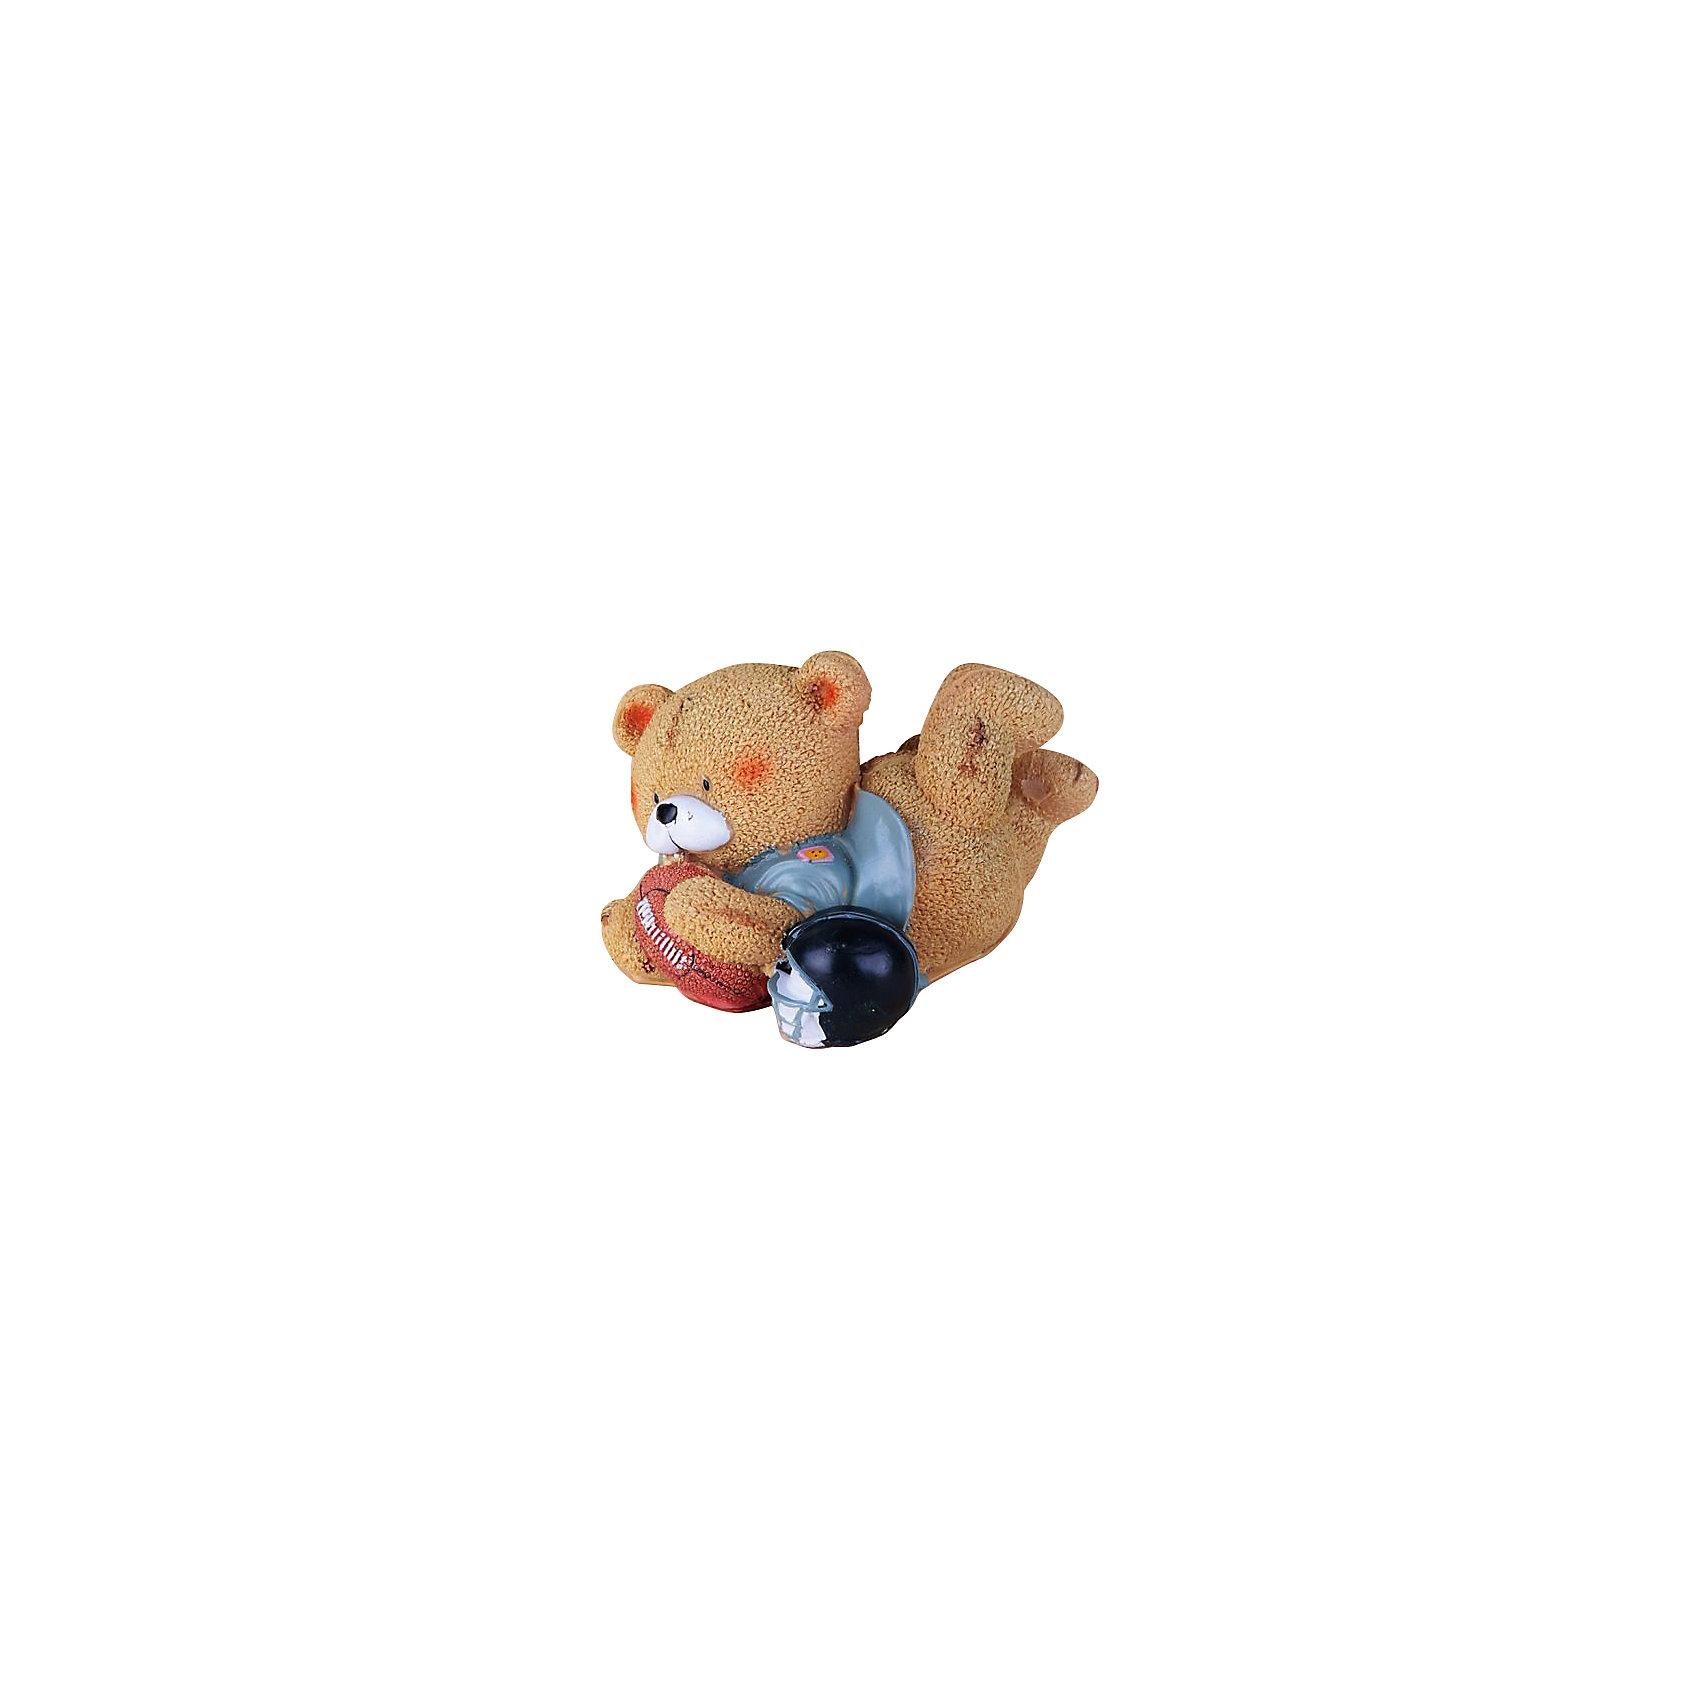 Декоративная фигурка Мишка-регбистДетские предметы интерьера<br>Милая декоративная фигурка Мишка-регбист станет прекрасным подарком или памятным сувениром на любой праздник. <br><br>Дополнительная информация:<br><br>- Материал: полирезина.<br>- Размер: 11х9,5х14 см.<br><br>Декоративную фигурку Мишка-регбист можно купить в нашем магазине.<br><br>Ширина мм: 140<br>Глубина мм: 120<br>Высота мм: 110<br>Вес г: 244<br>Возраст от месяцев: 36<br>Возраст до месяцев: 2147483647<br>Пол: Мужской<br>Возраст: Детский<br>SKU: 4087371